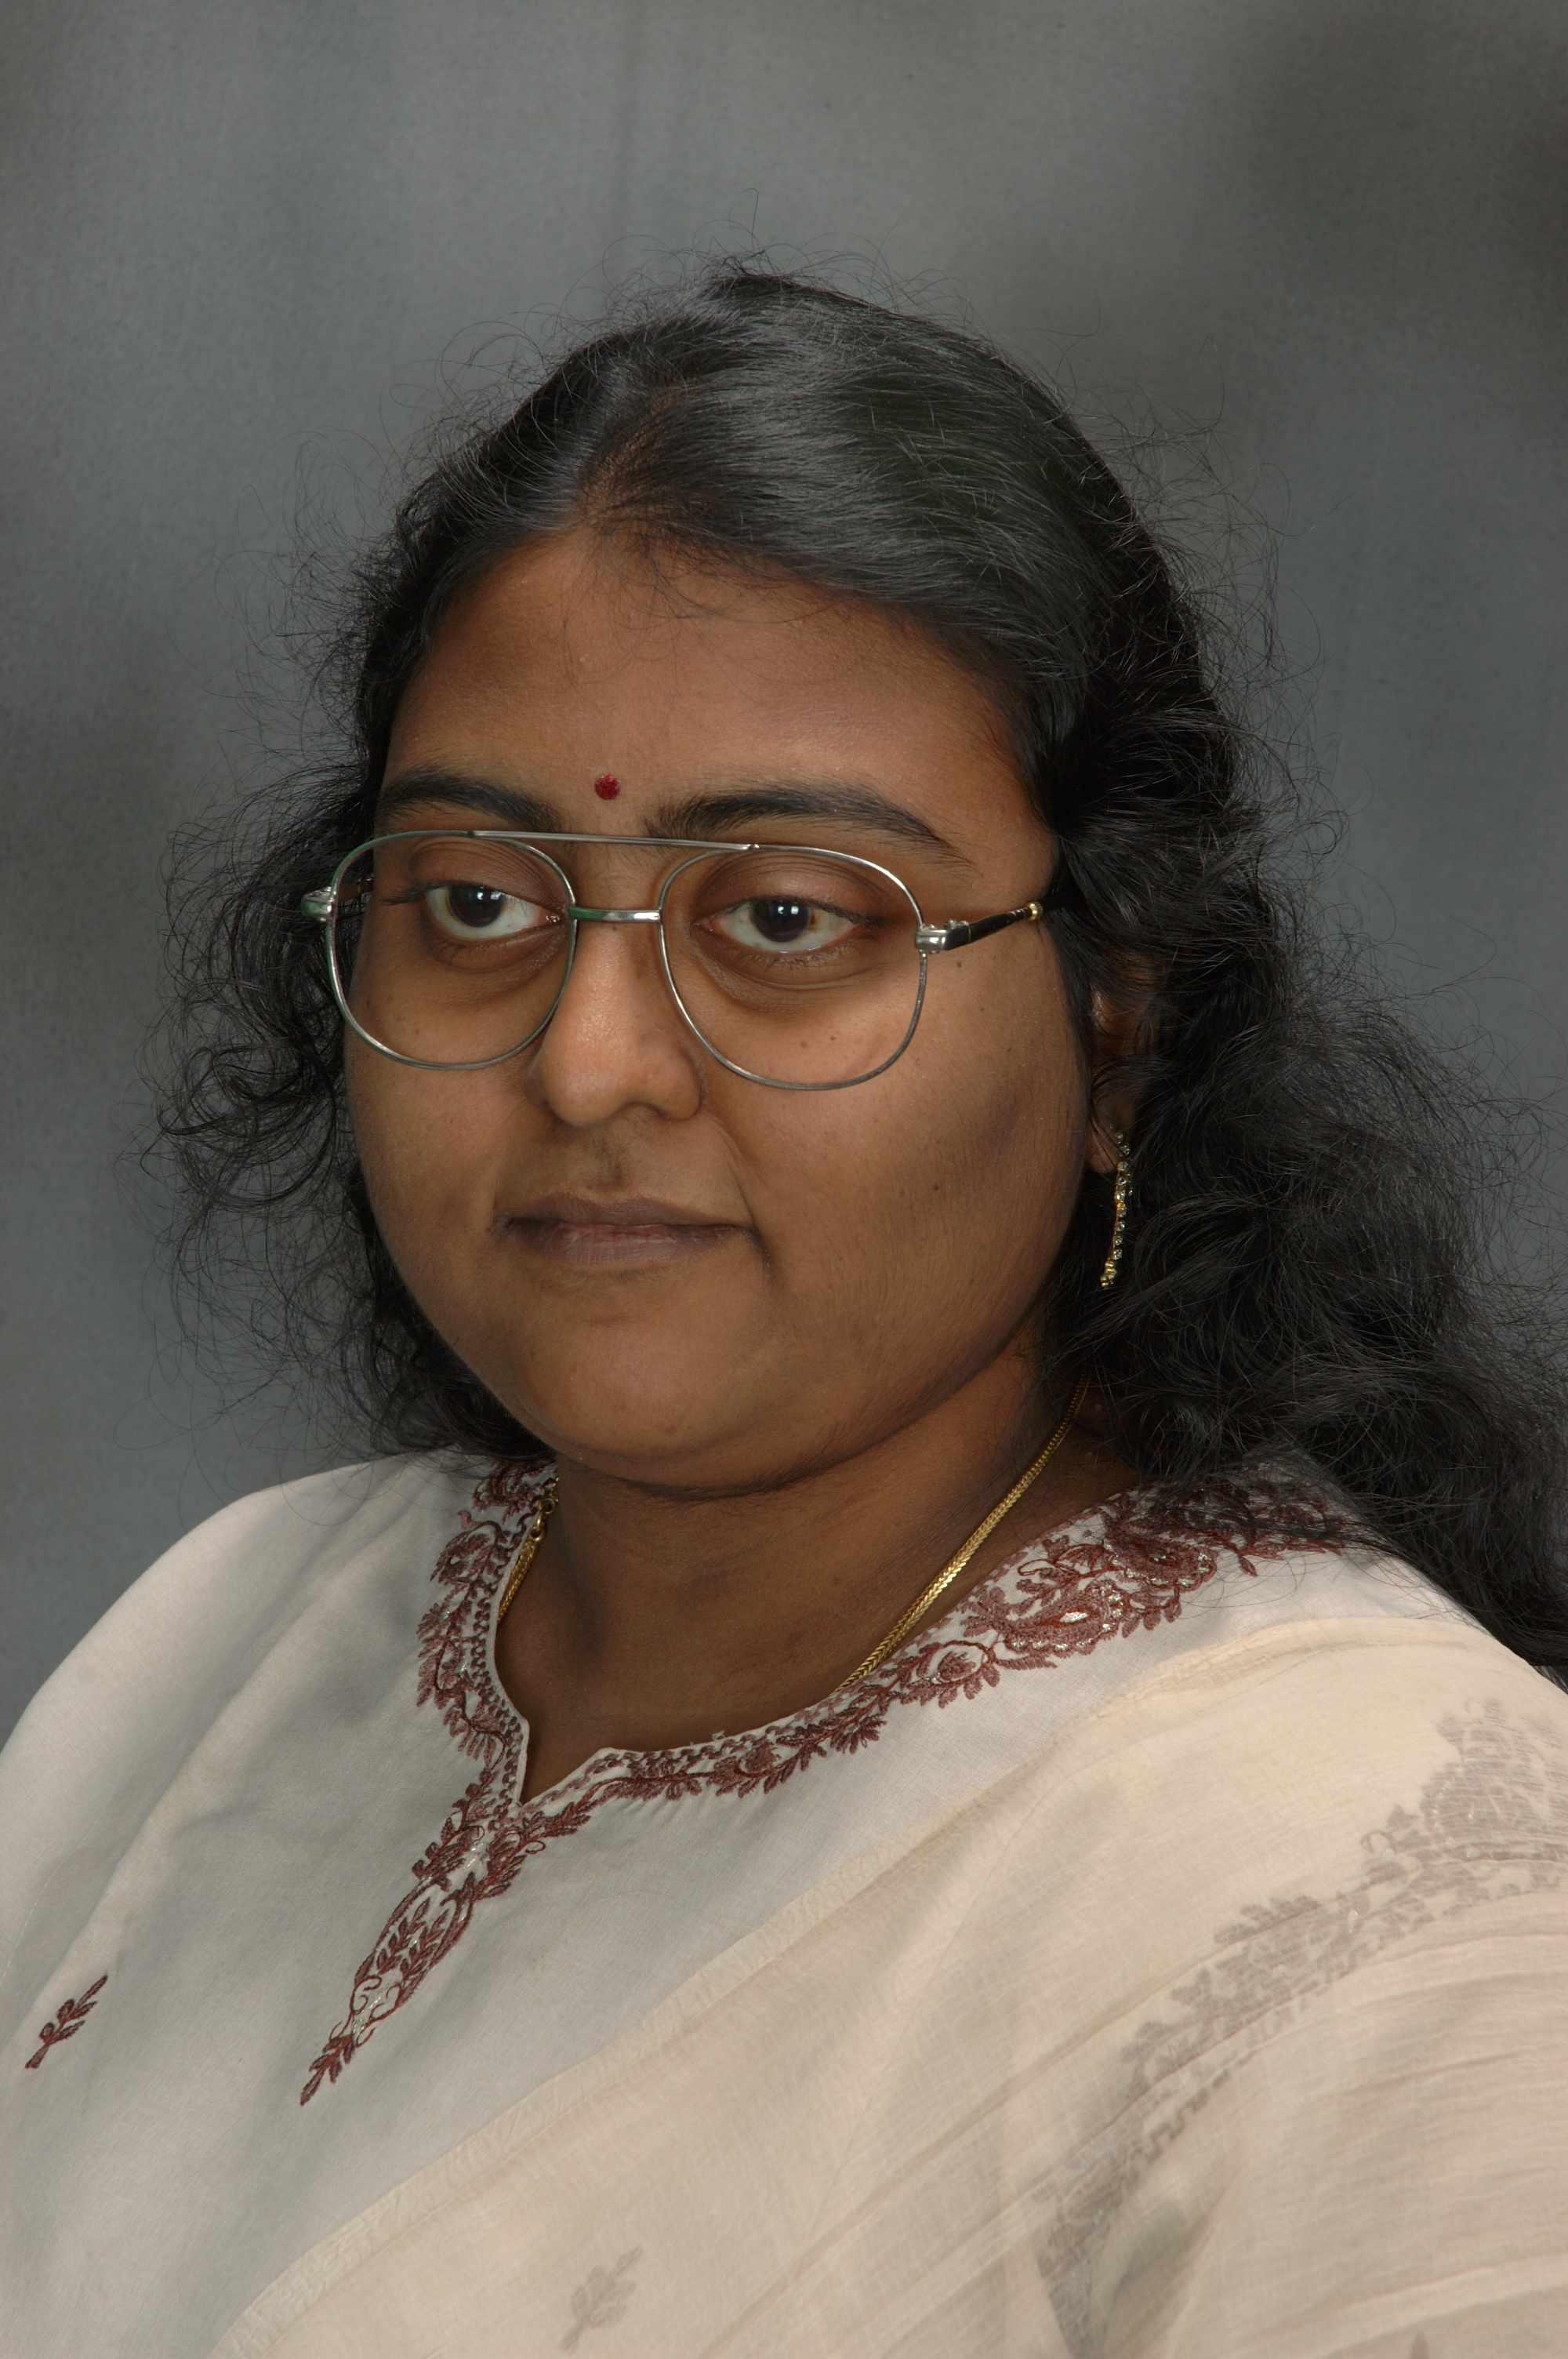 பவித்ரா ஸ்ரீனிவாசன்